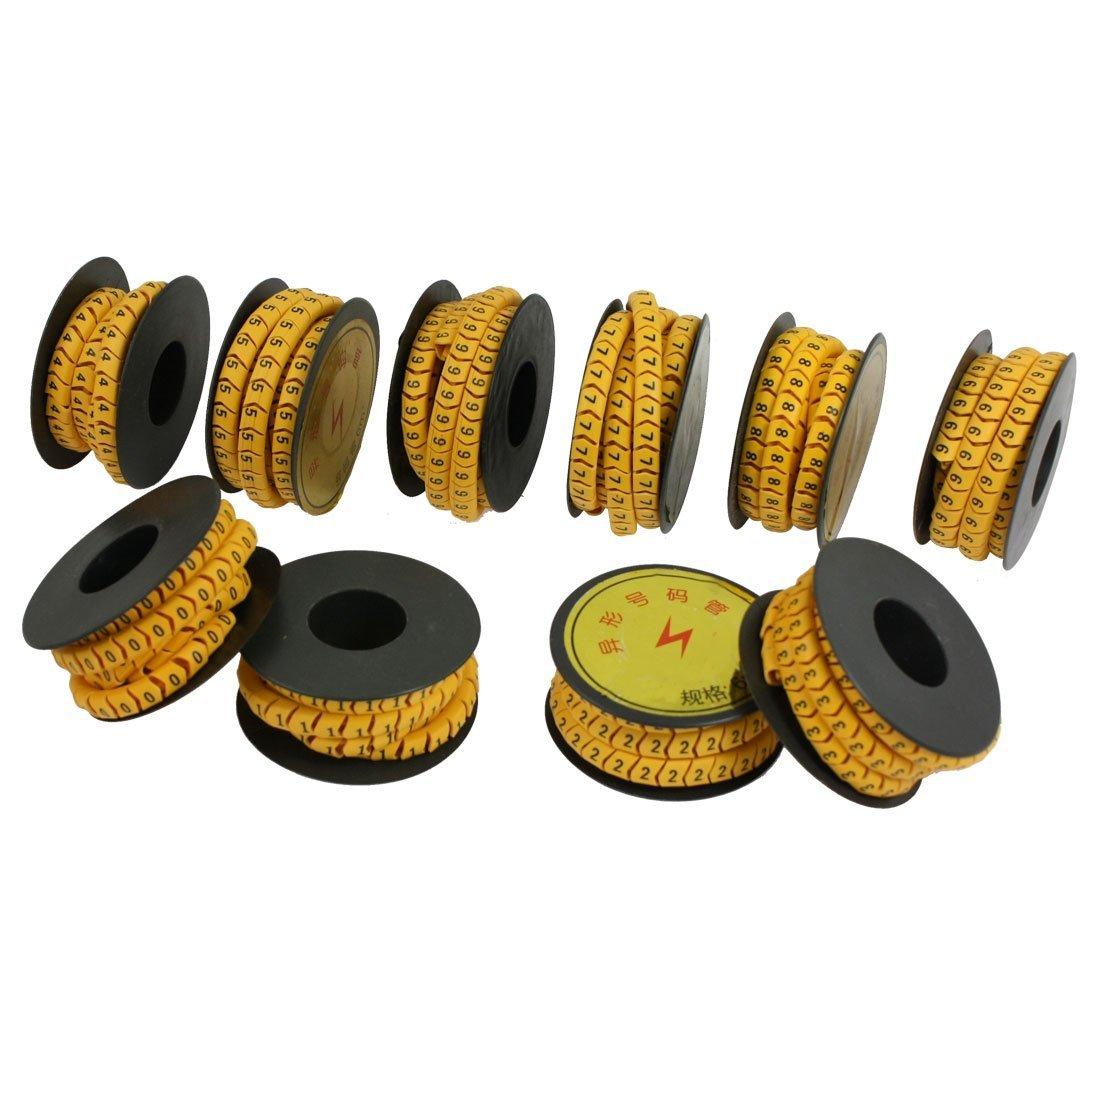 10 Rolls amarillo flexible de PVC Nú mero 0-9 Imprimir 6mm2 cable de alambre de marcadores DealMux DLM-B008S9M44K